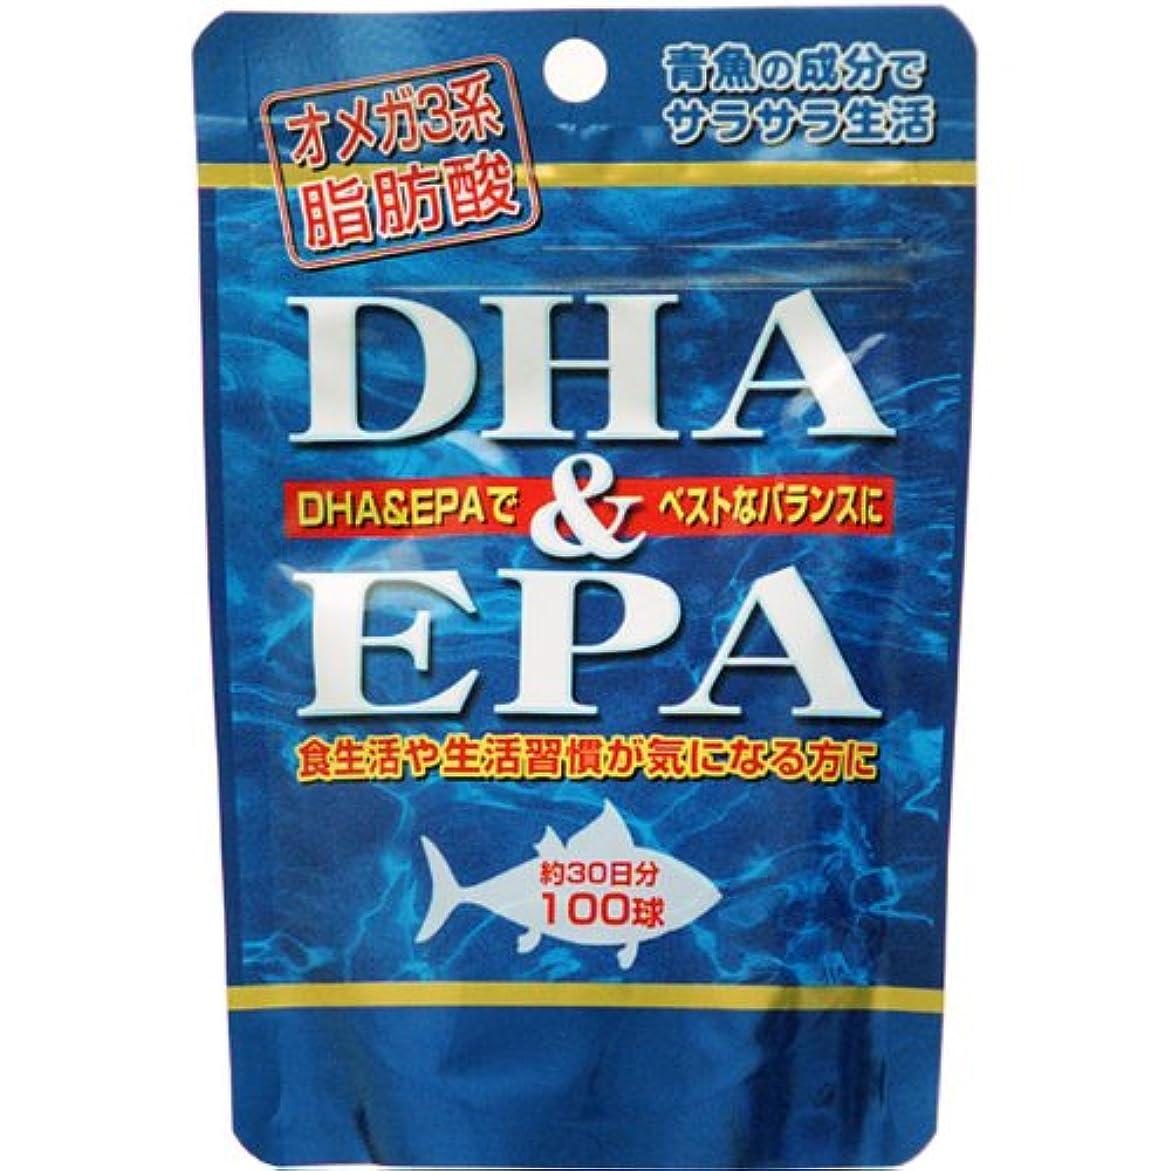 ステレオタイプグラマーお願いしますDHA(ドコサヘキサエン酸)&EPA(エイコサペンタエン酸)×5